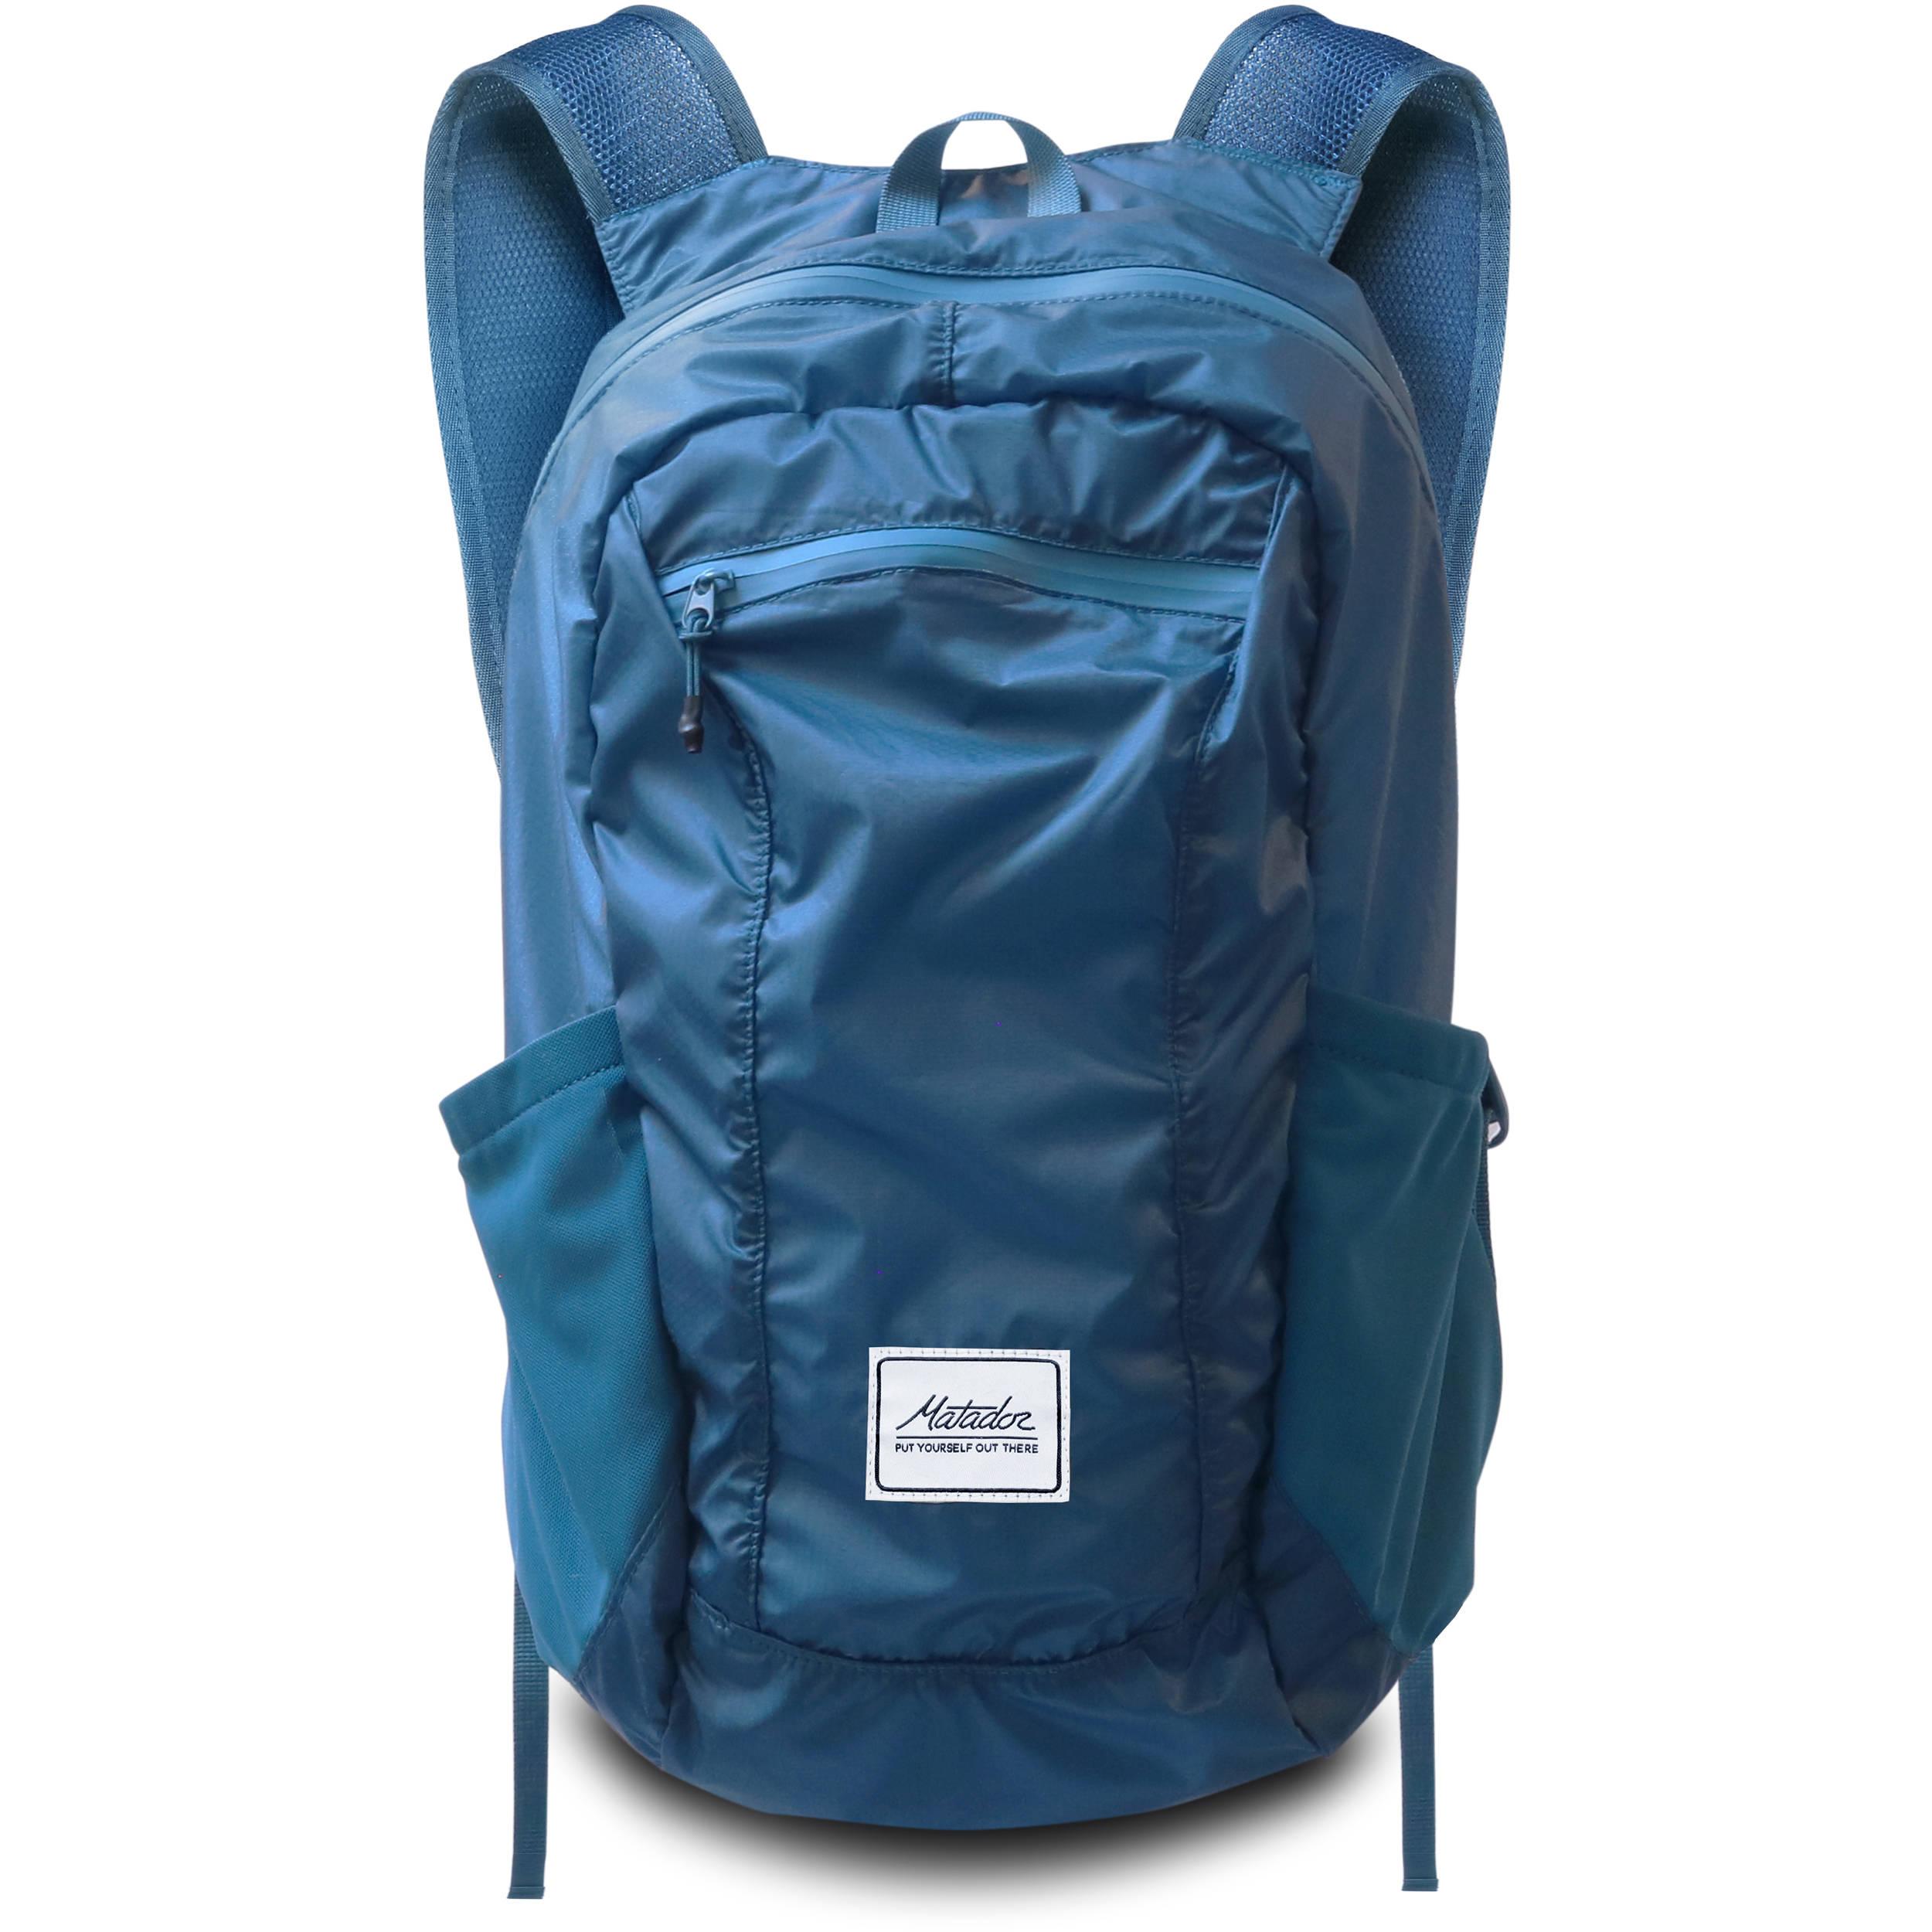 Matador DL16 Backpack (Blue) MATDL16001B B&H Photo Video